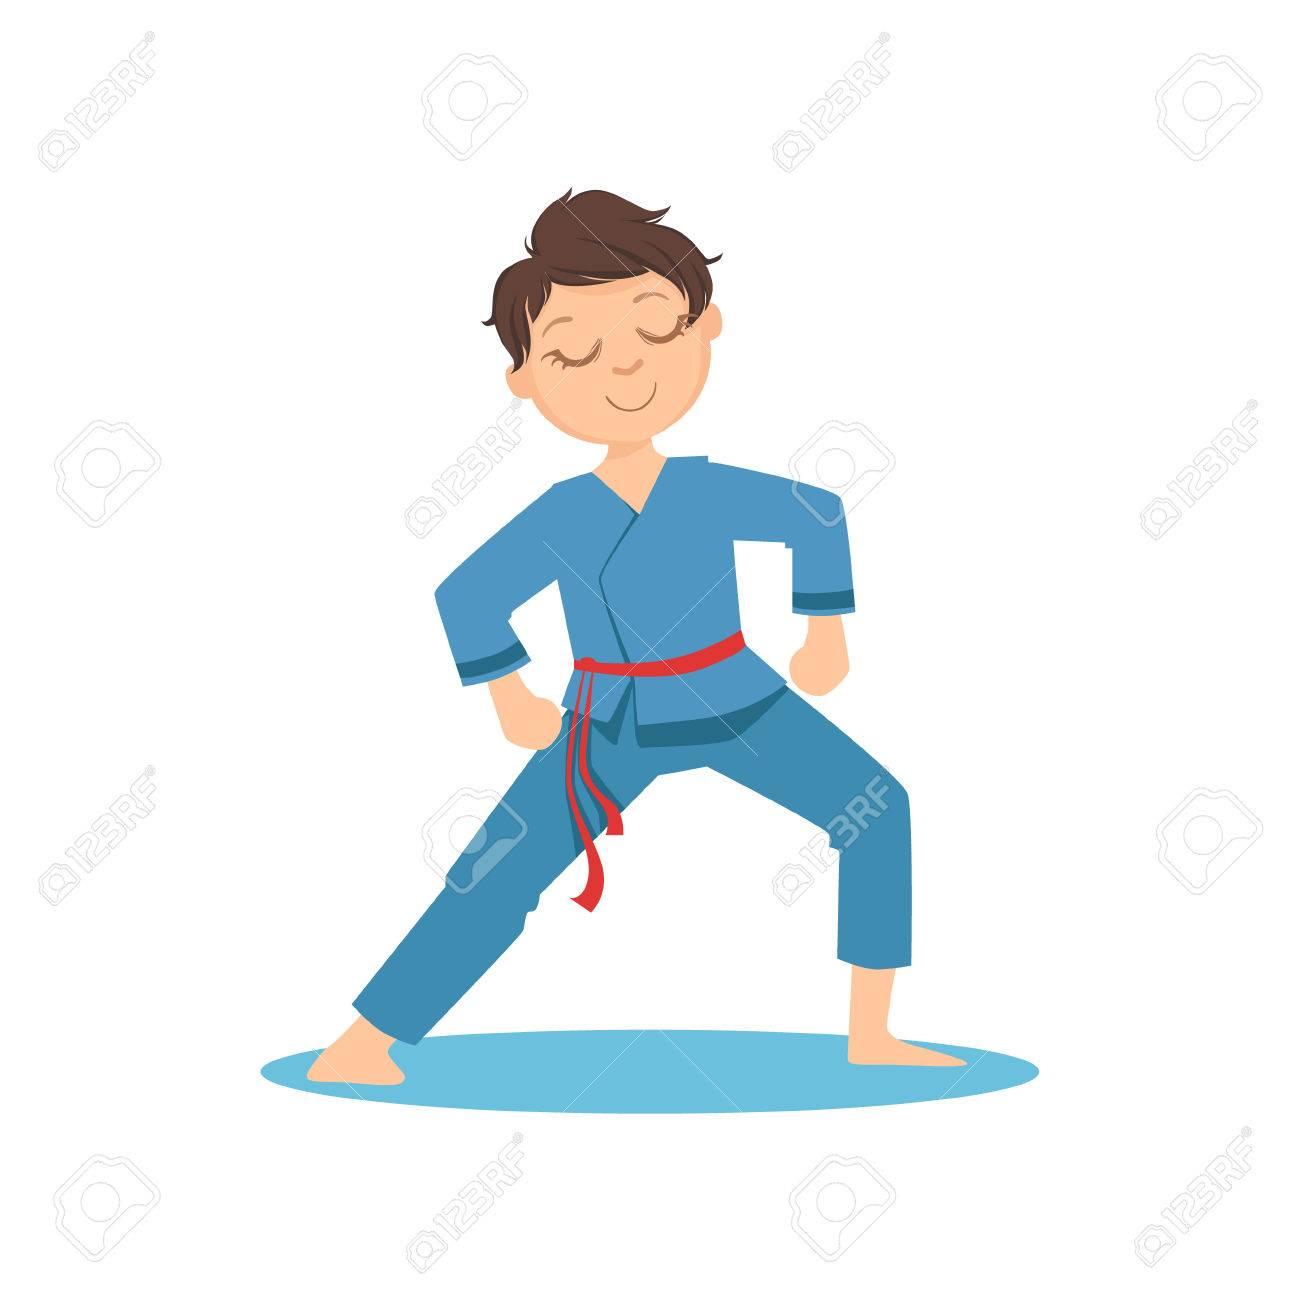 少年空手武術の青の着物で瞑想太極拳運動を行うスポーツ トレーニング